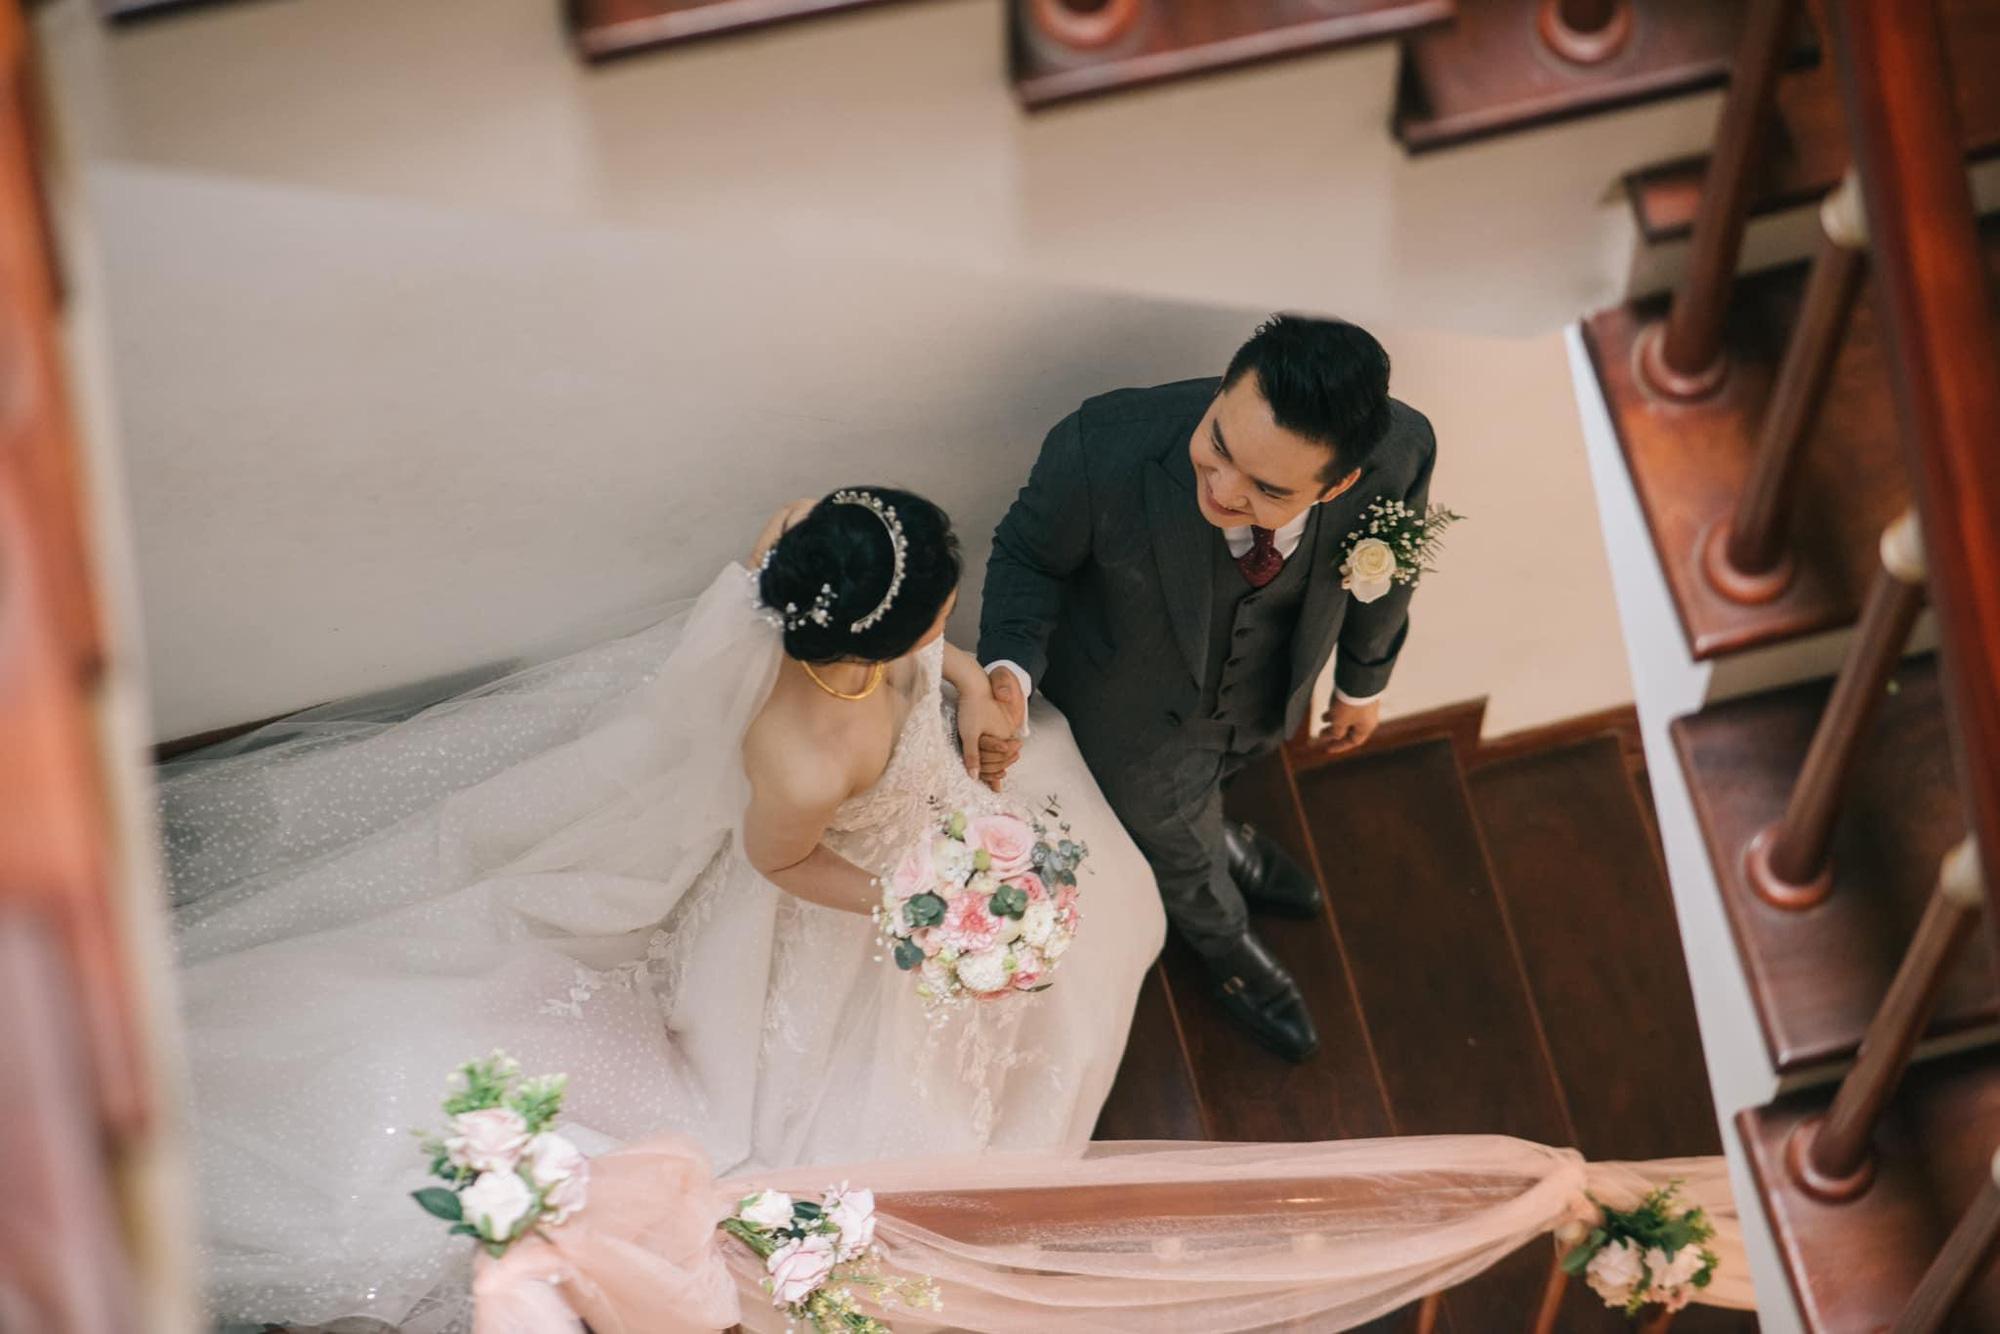 MC Hạnh Phúc chia sẻ sắp có con, tiết lộ lý do chưa thể tổ chức tiệc cưới - Ảnh 4.